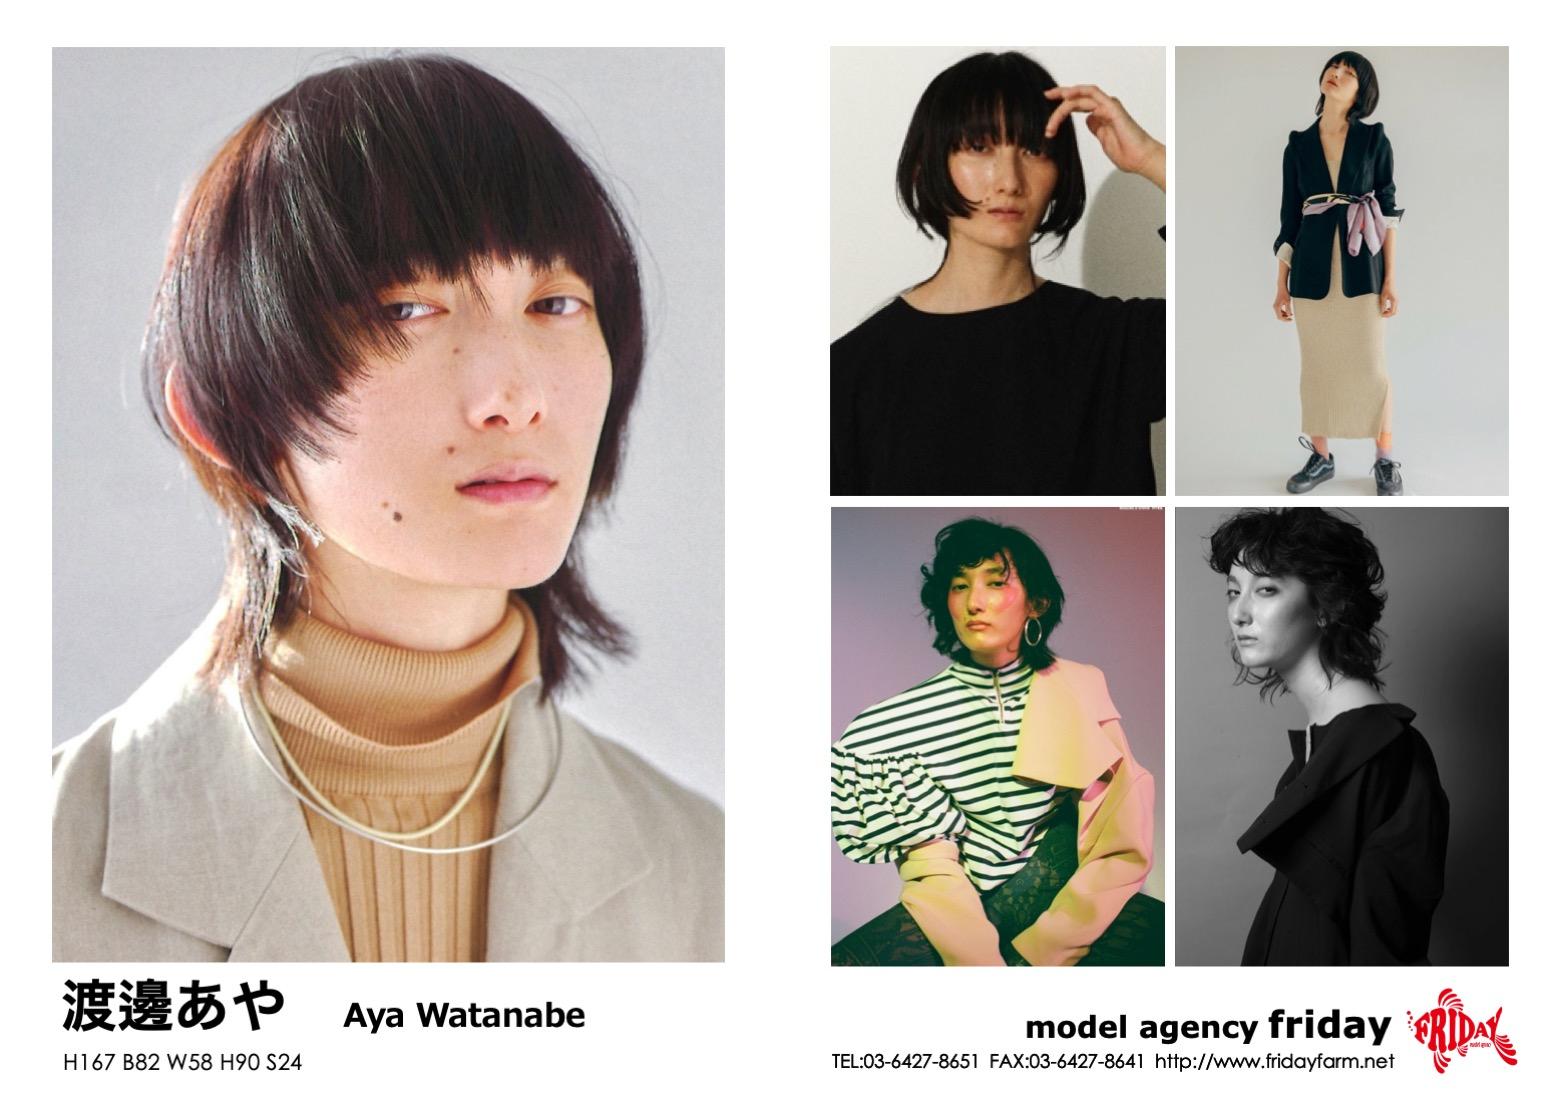 渡邊あや - Aya Watanabe   model agency friday